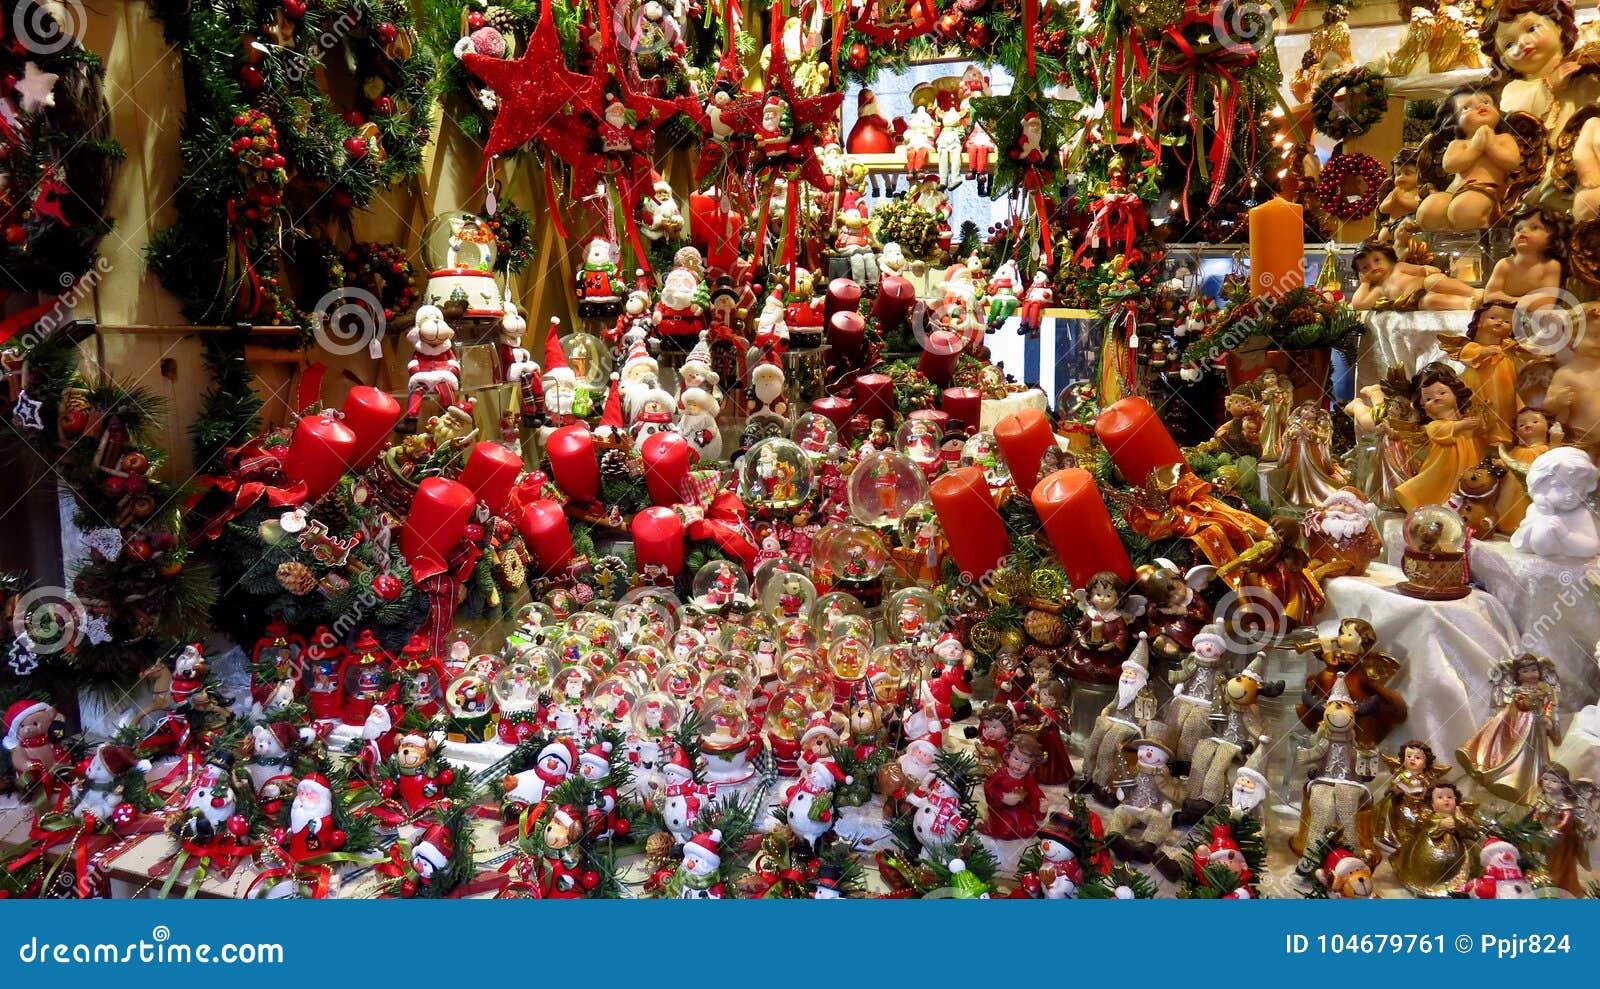 Grande collection de décorations de Noël